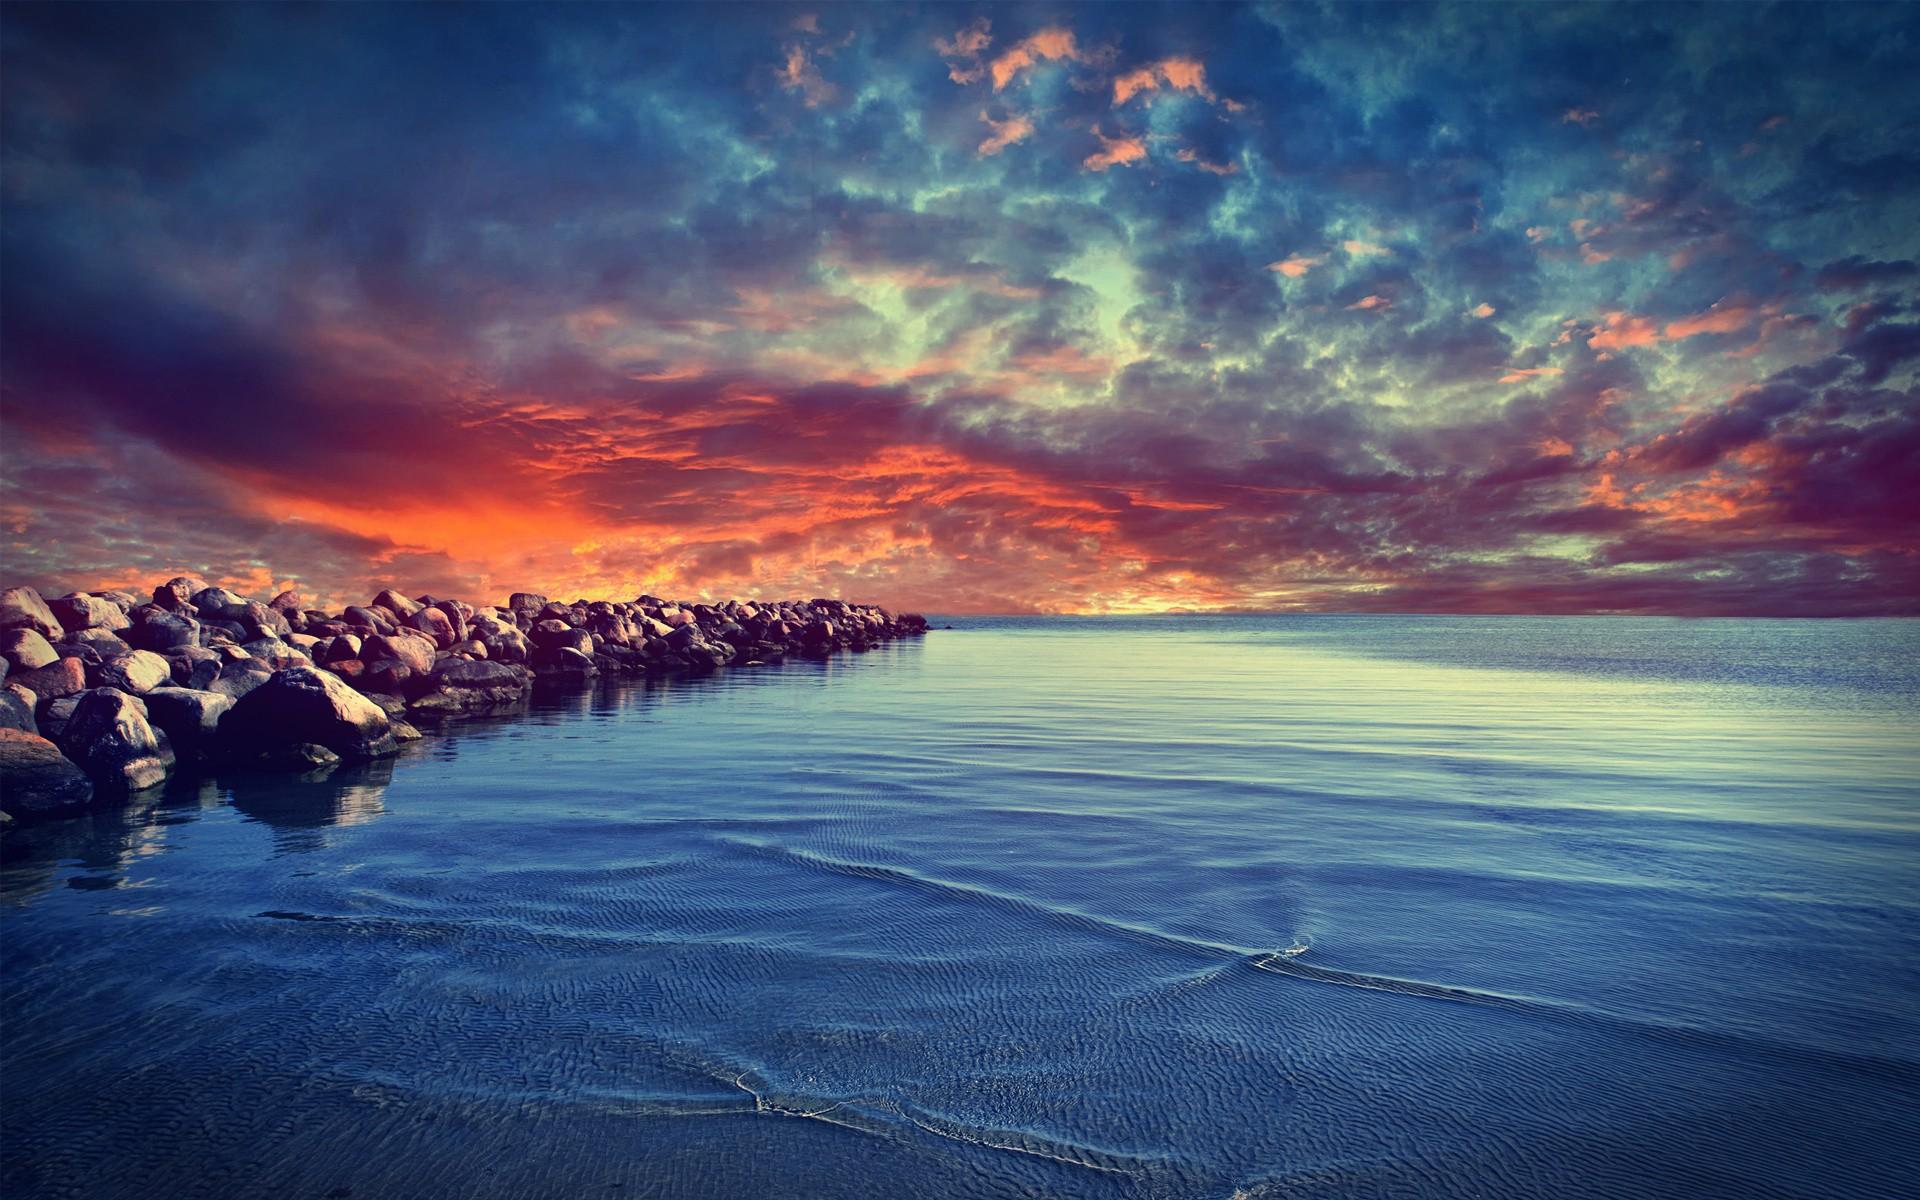 beach wallpaper 13031